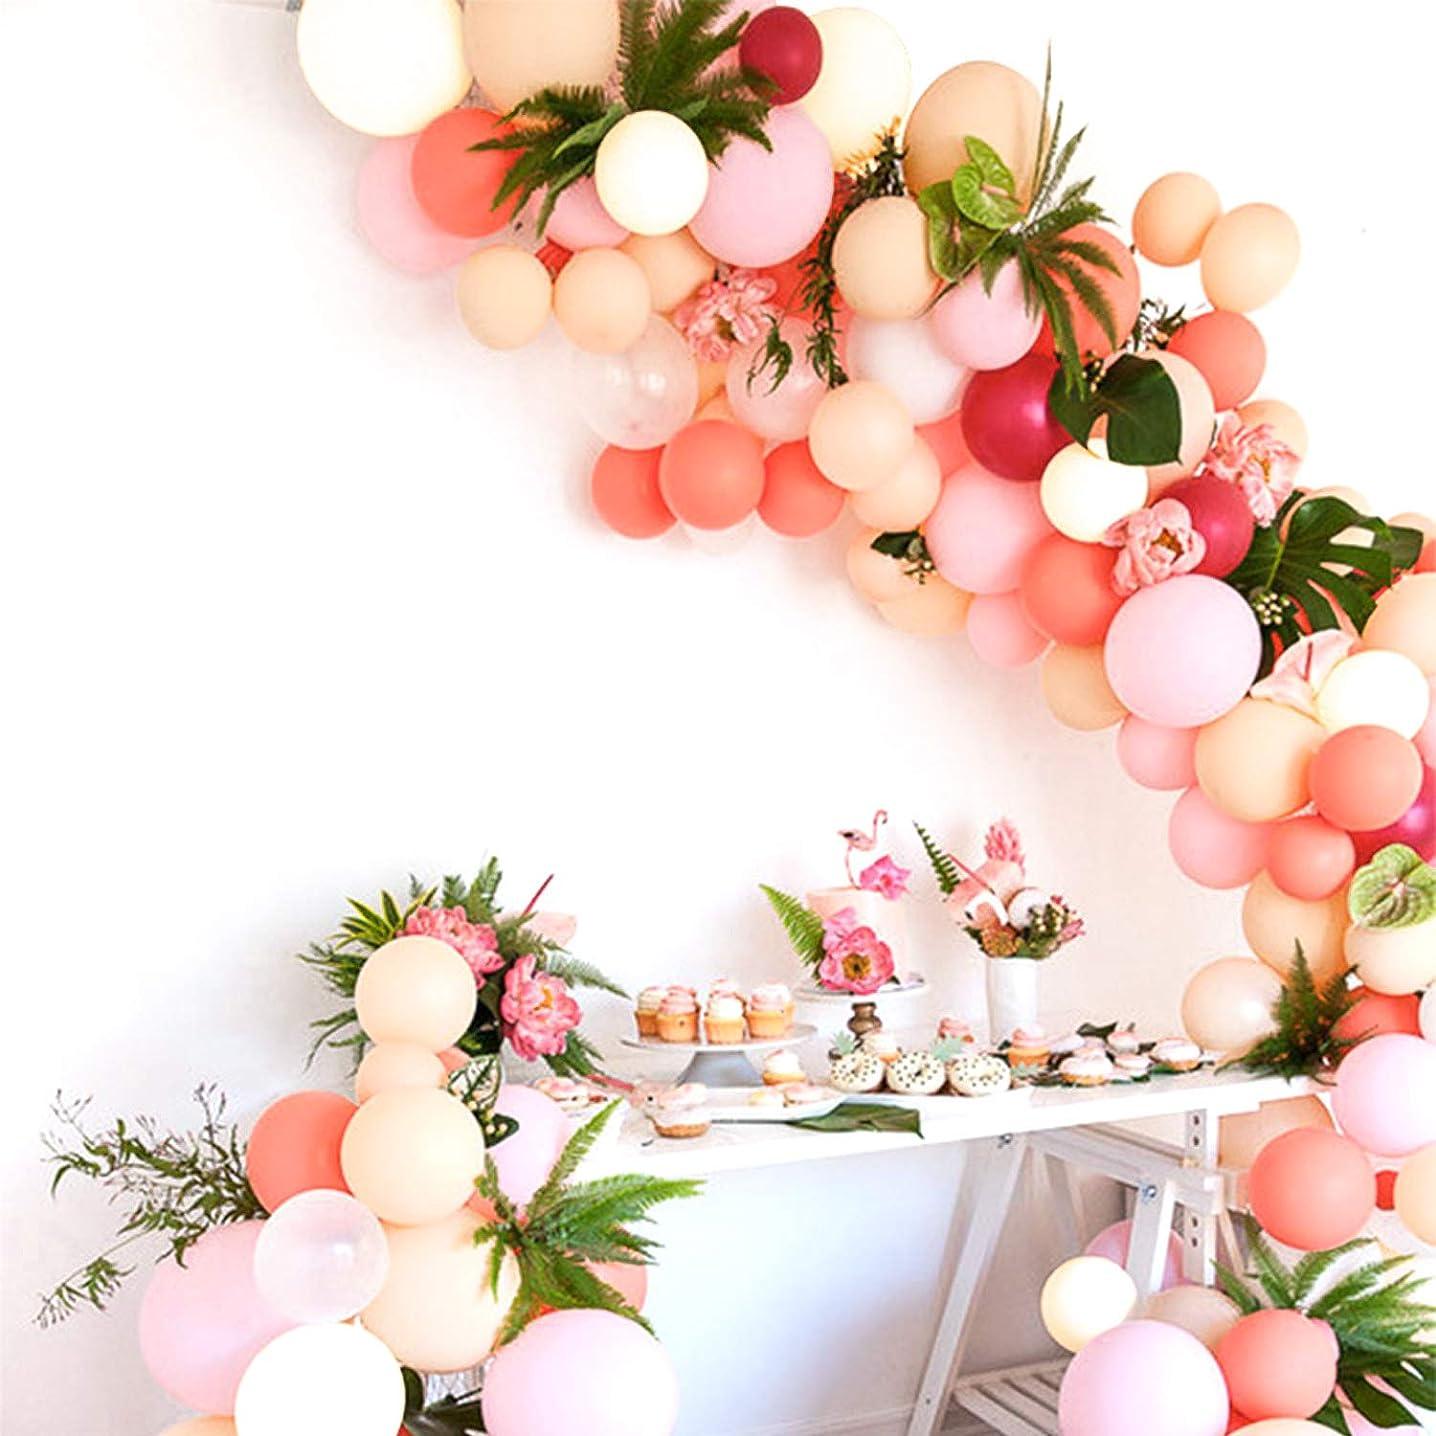 PartyWoo Blush Balloons 100 pcs 10 inch Blush Pink Balloons Coral Balloons Baby Pink Balloons Pastel Balloons Blush Party Decorations, Blush Wedding Decorations, Blush Pink Party Decorations